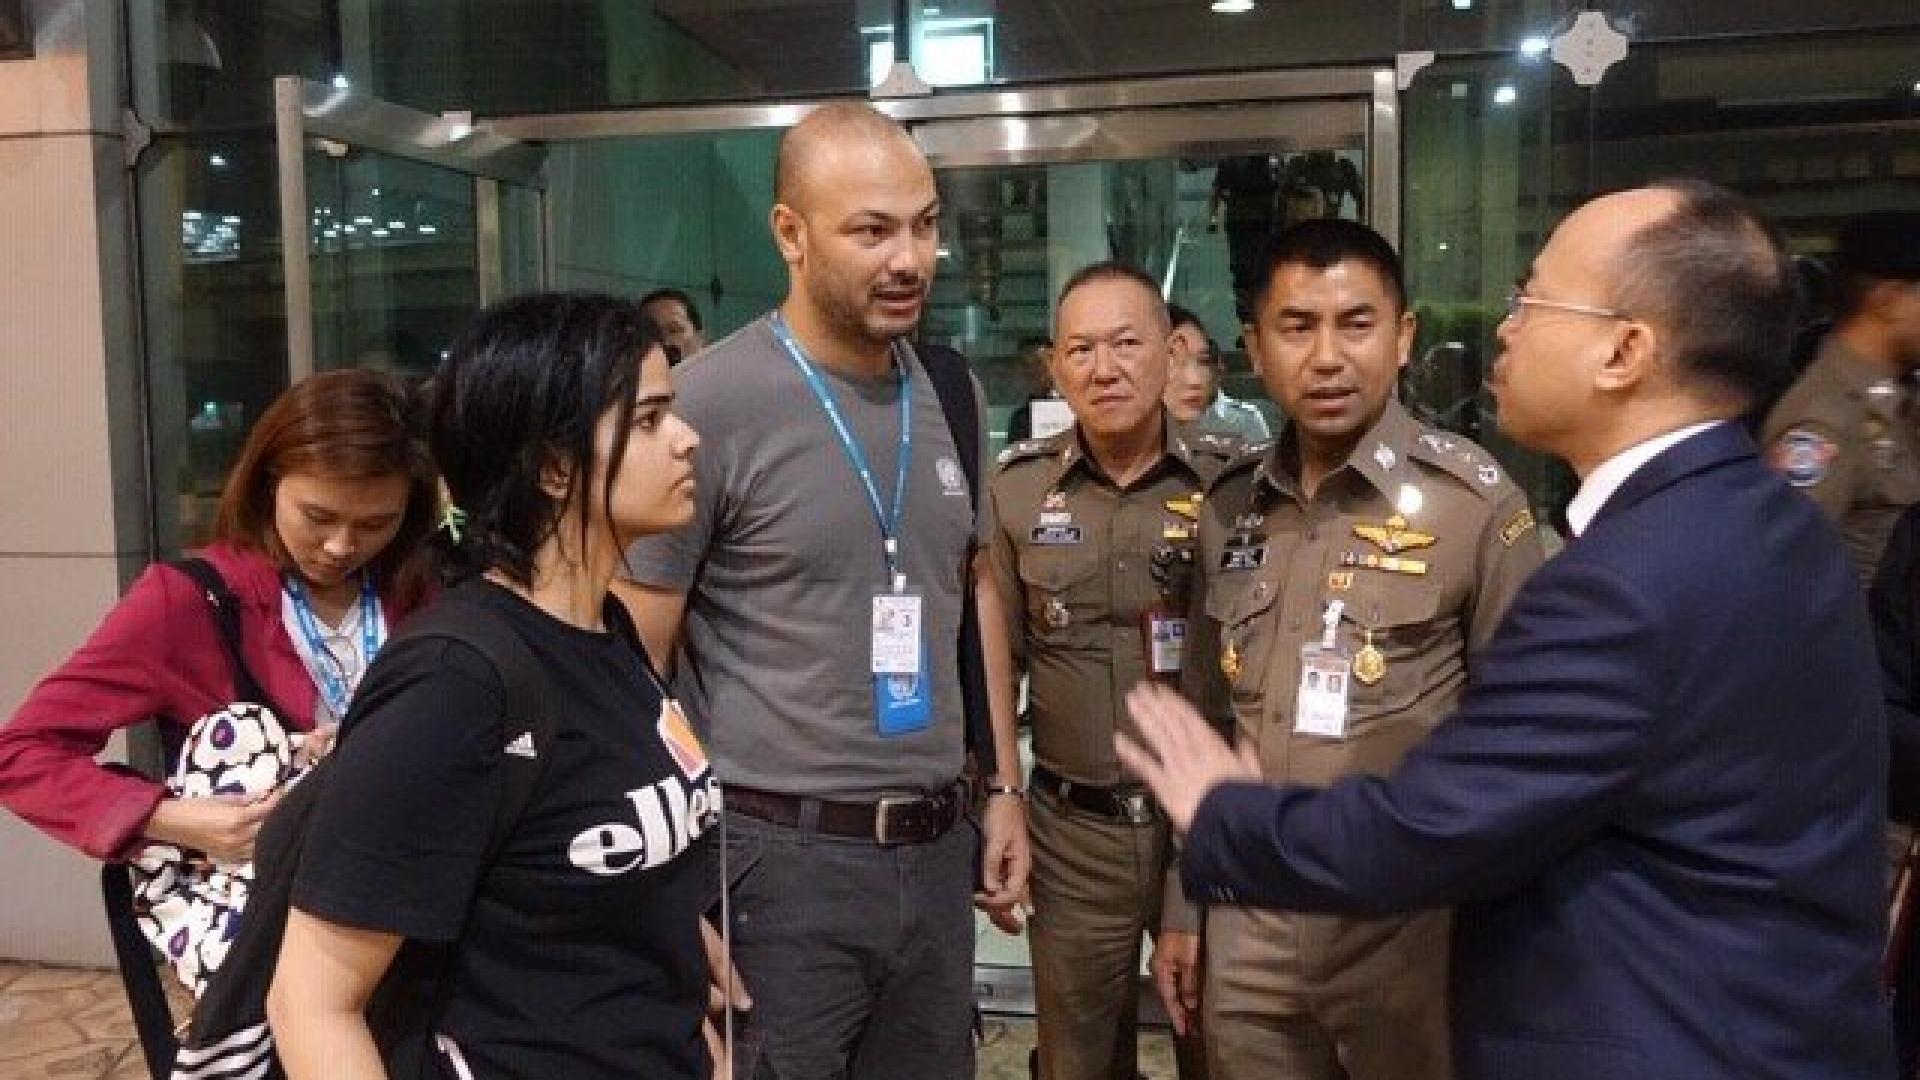 مسؤول تايلندي لـCNN: منظمة اللاجئين لن تسمح لوالد وشقيق رهف القنون بمقابلتها